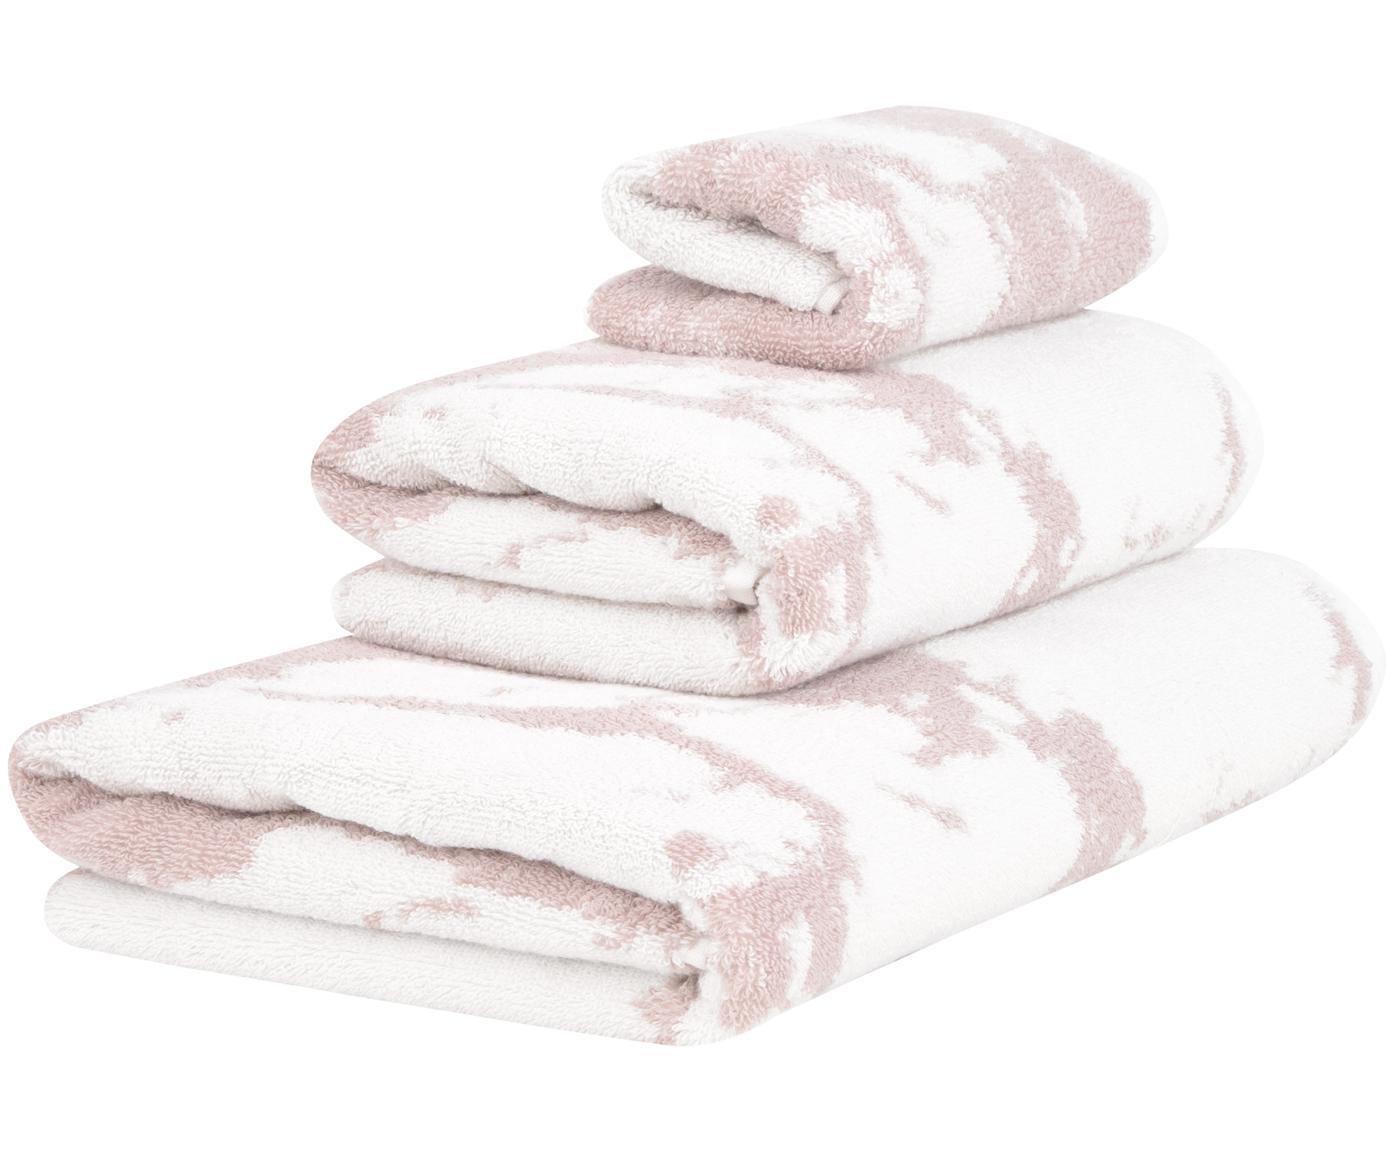 Handdoekenset Marmo, 3-delig, 100% katoen, middelzware kwaliteit, 550 g/m², Roze, crèmewit, Verschillende formaten